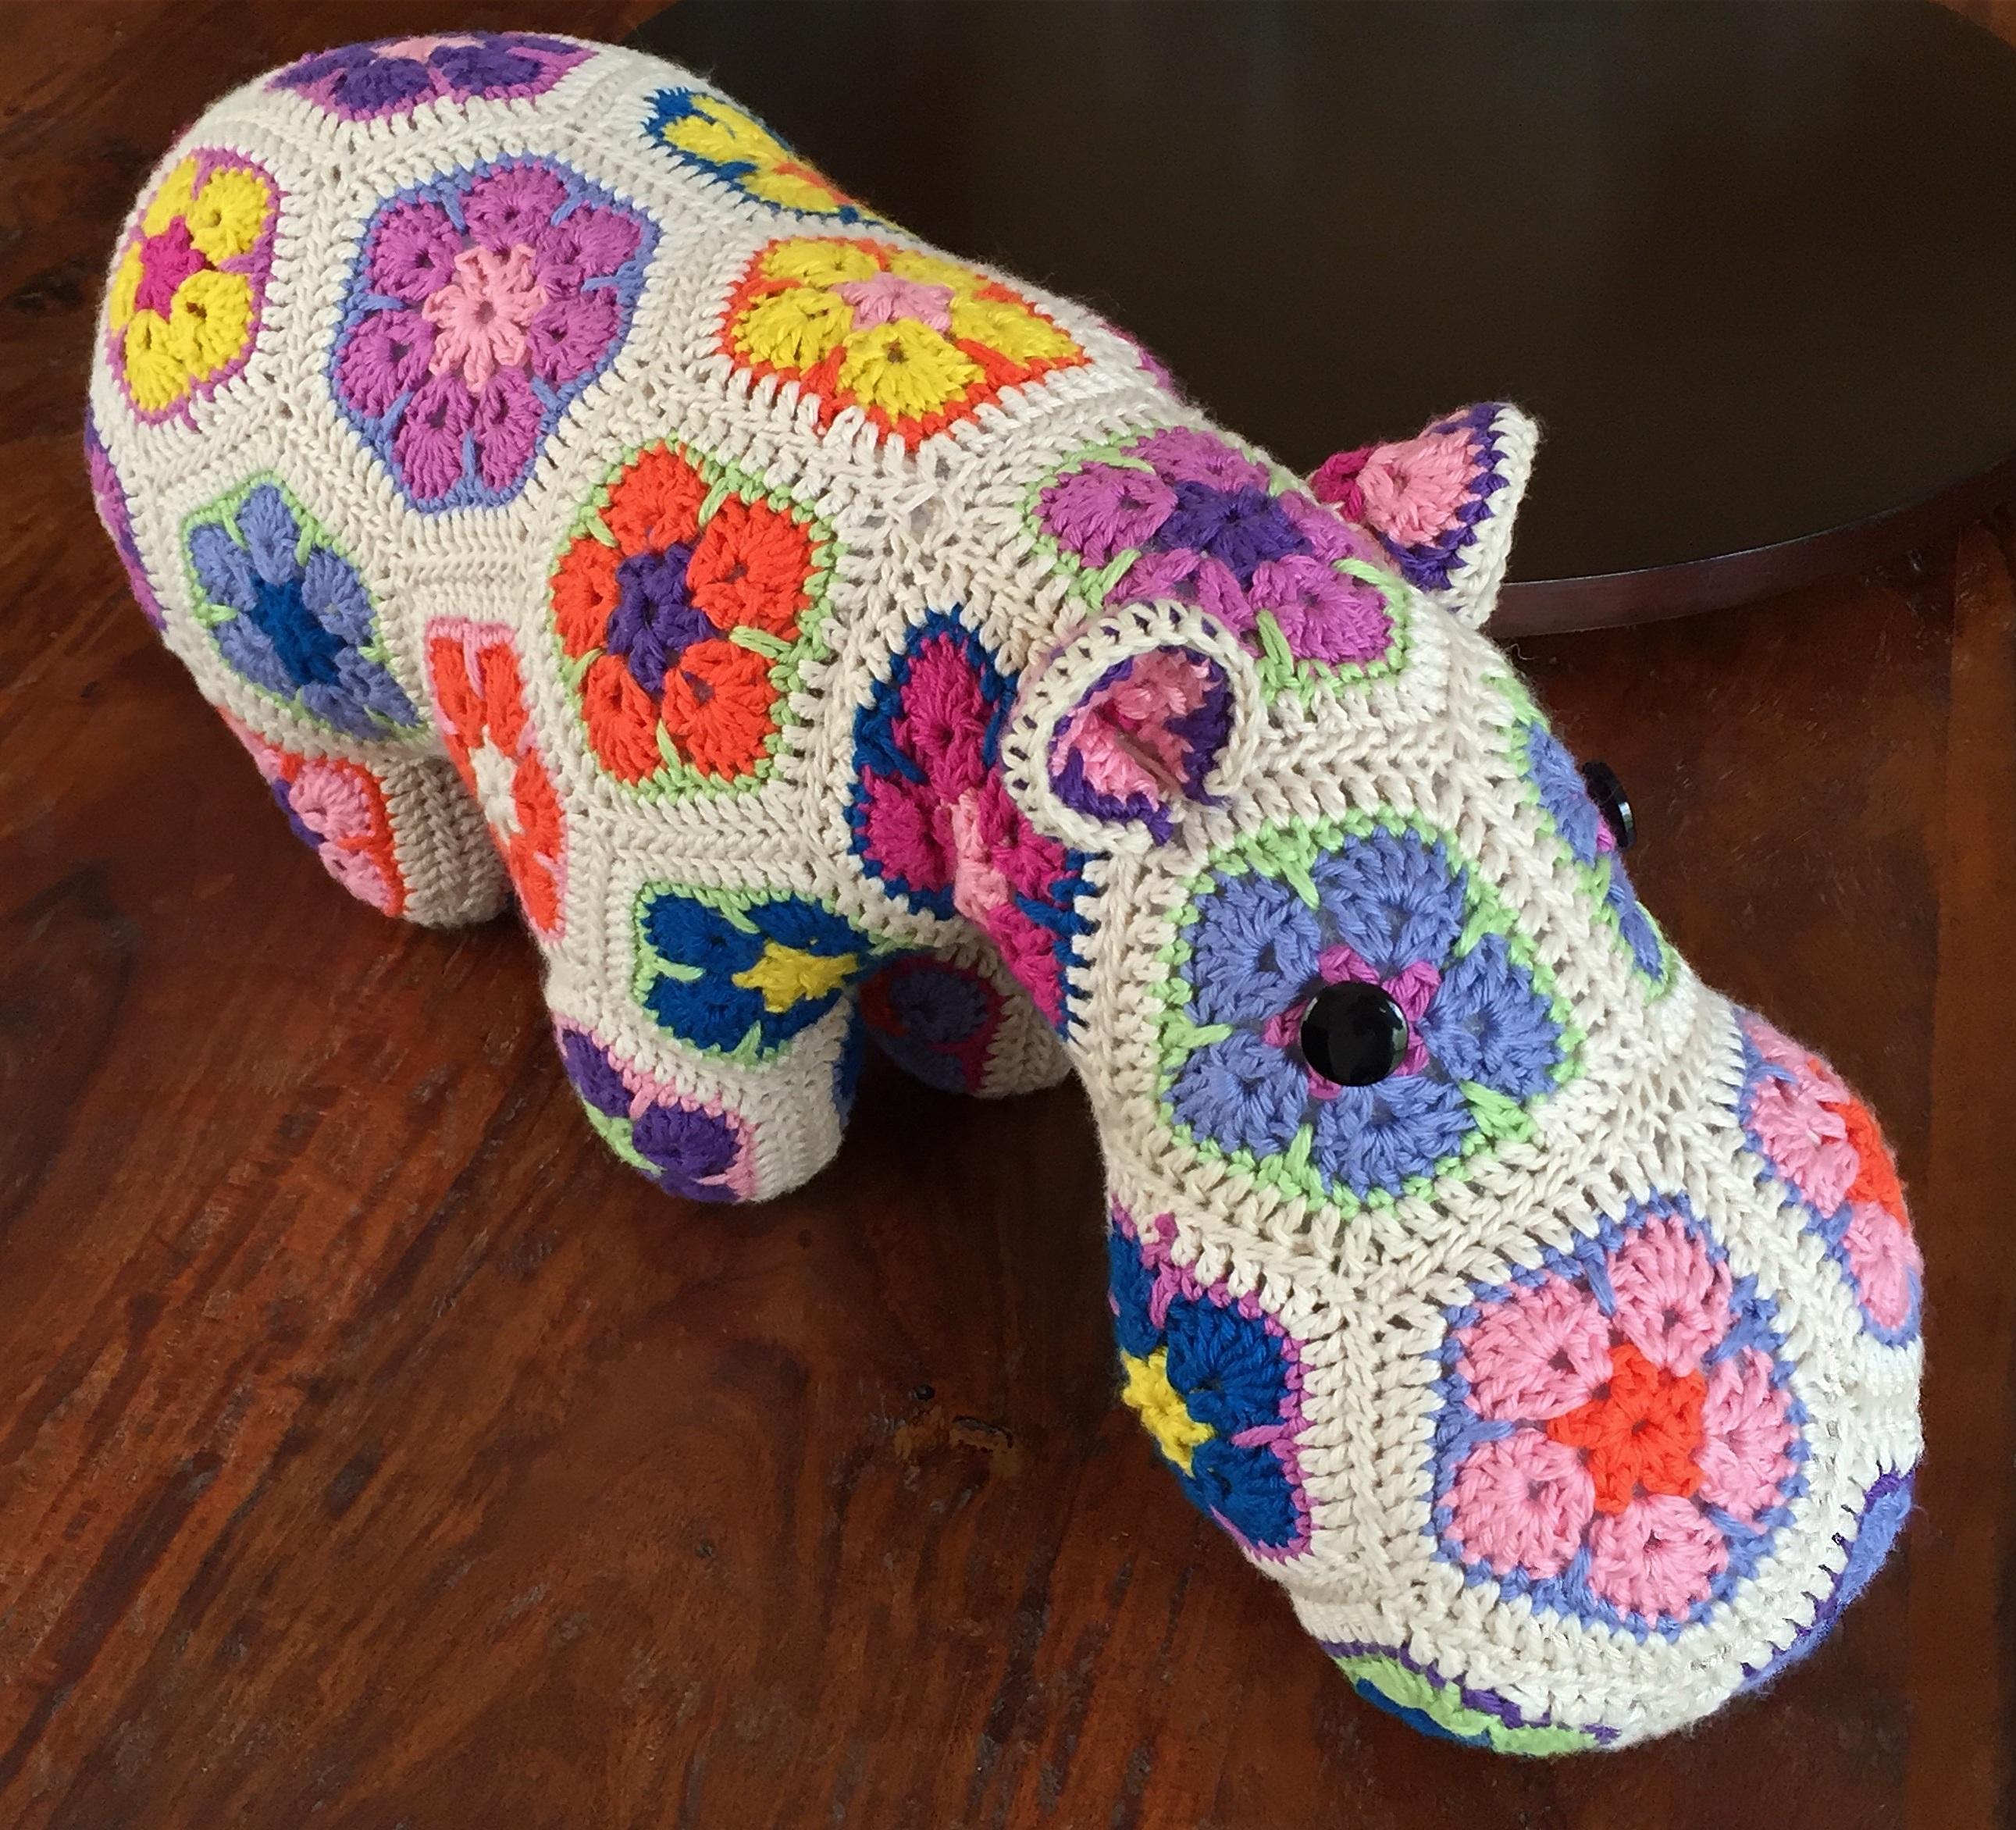 Fotos gratis : patrón, arte, vistoso, hilo, tejer, textil, art ...